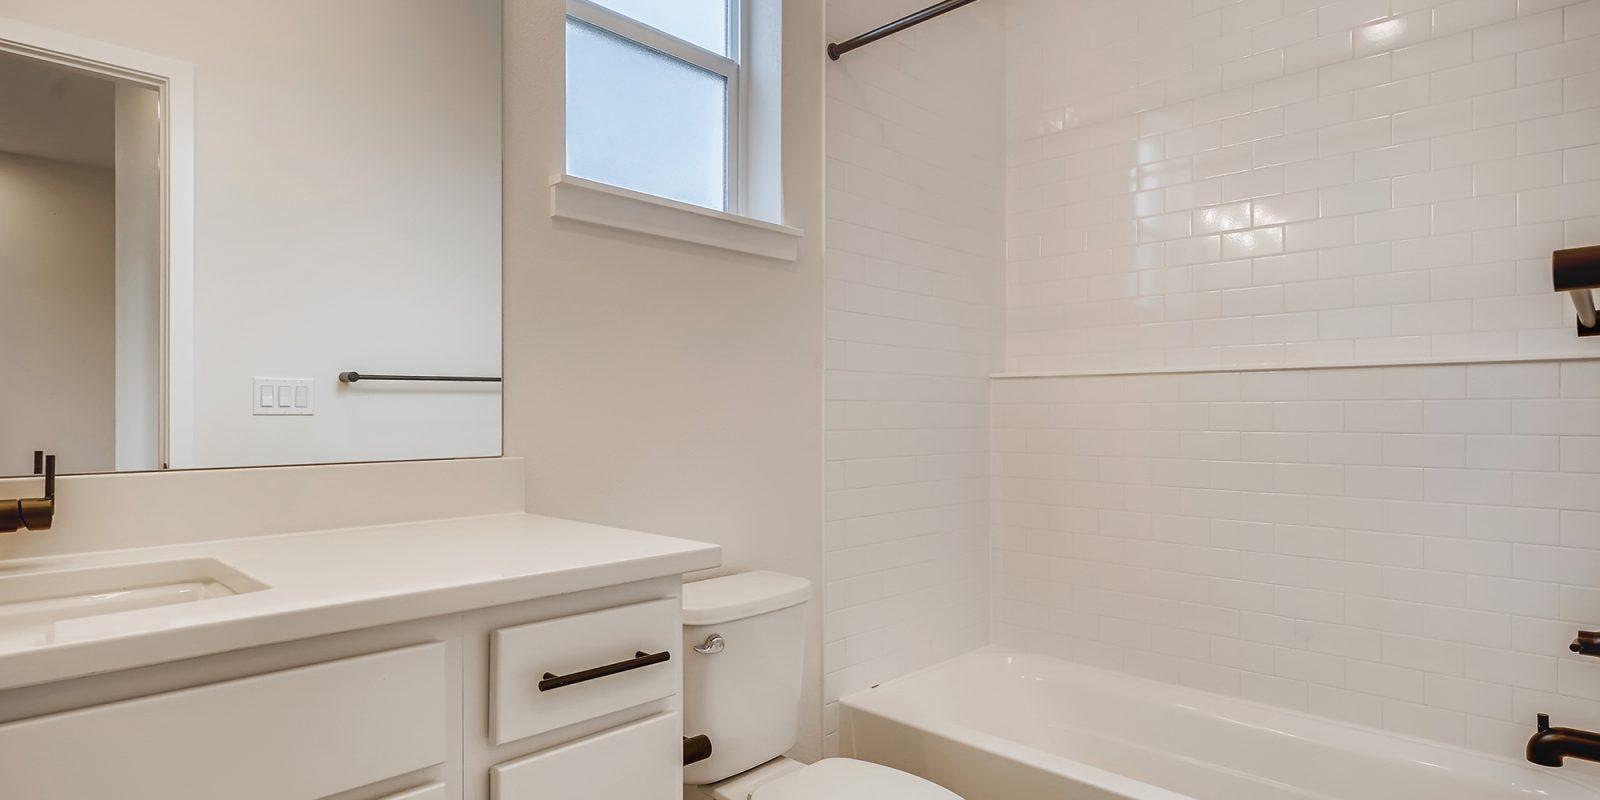 WestRidge DoMore Rows: Haven - Secondary Bathroom